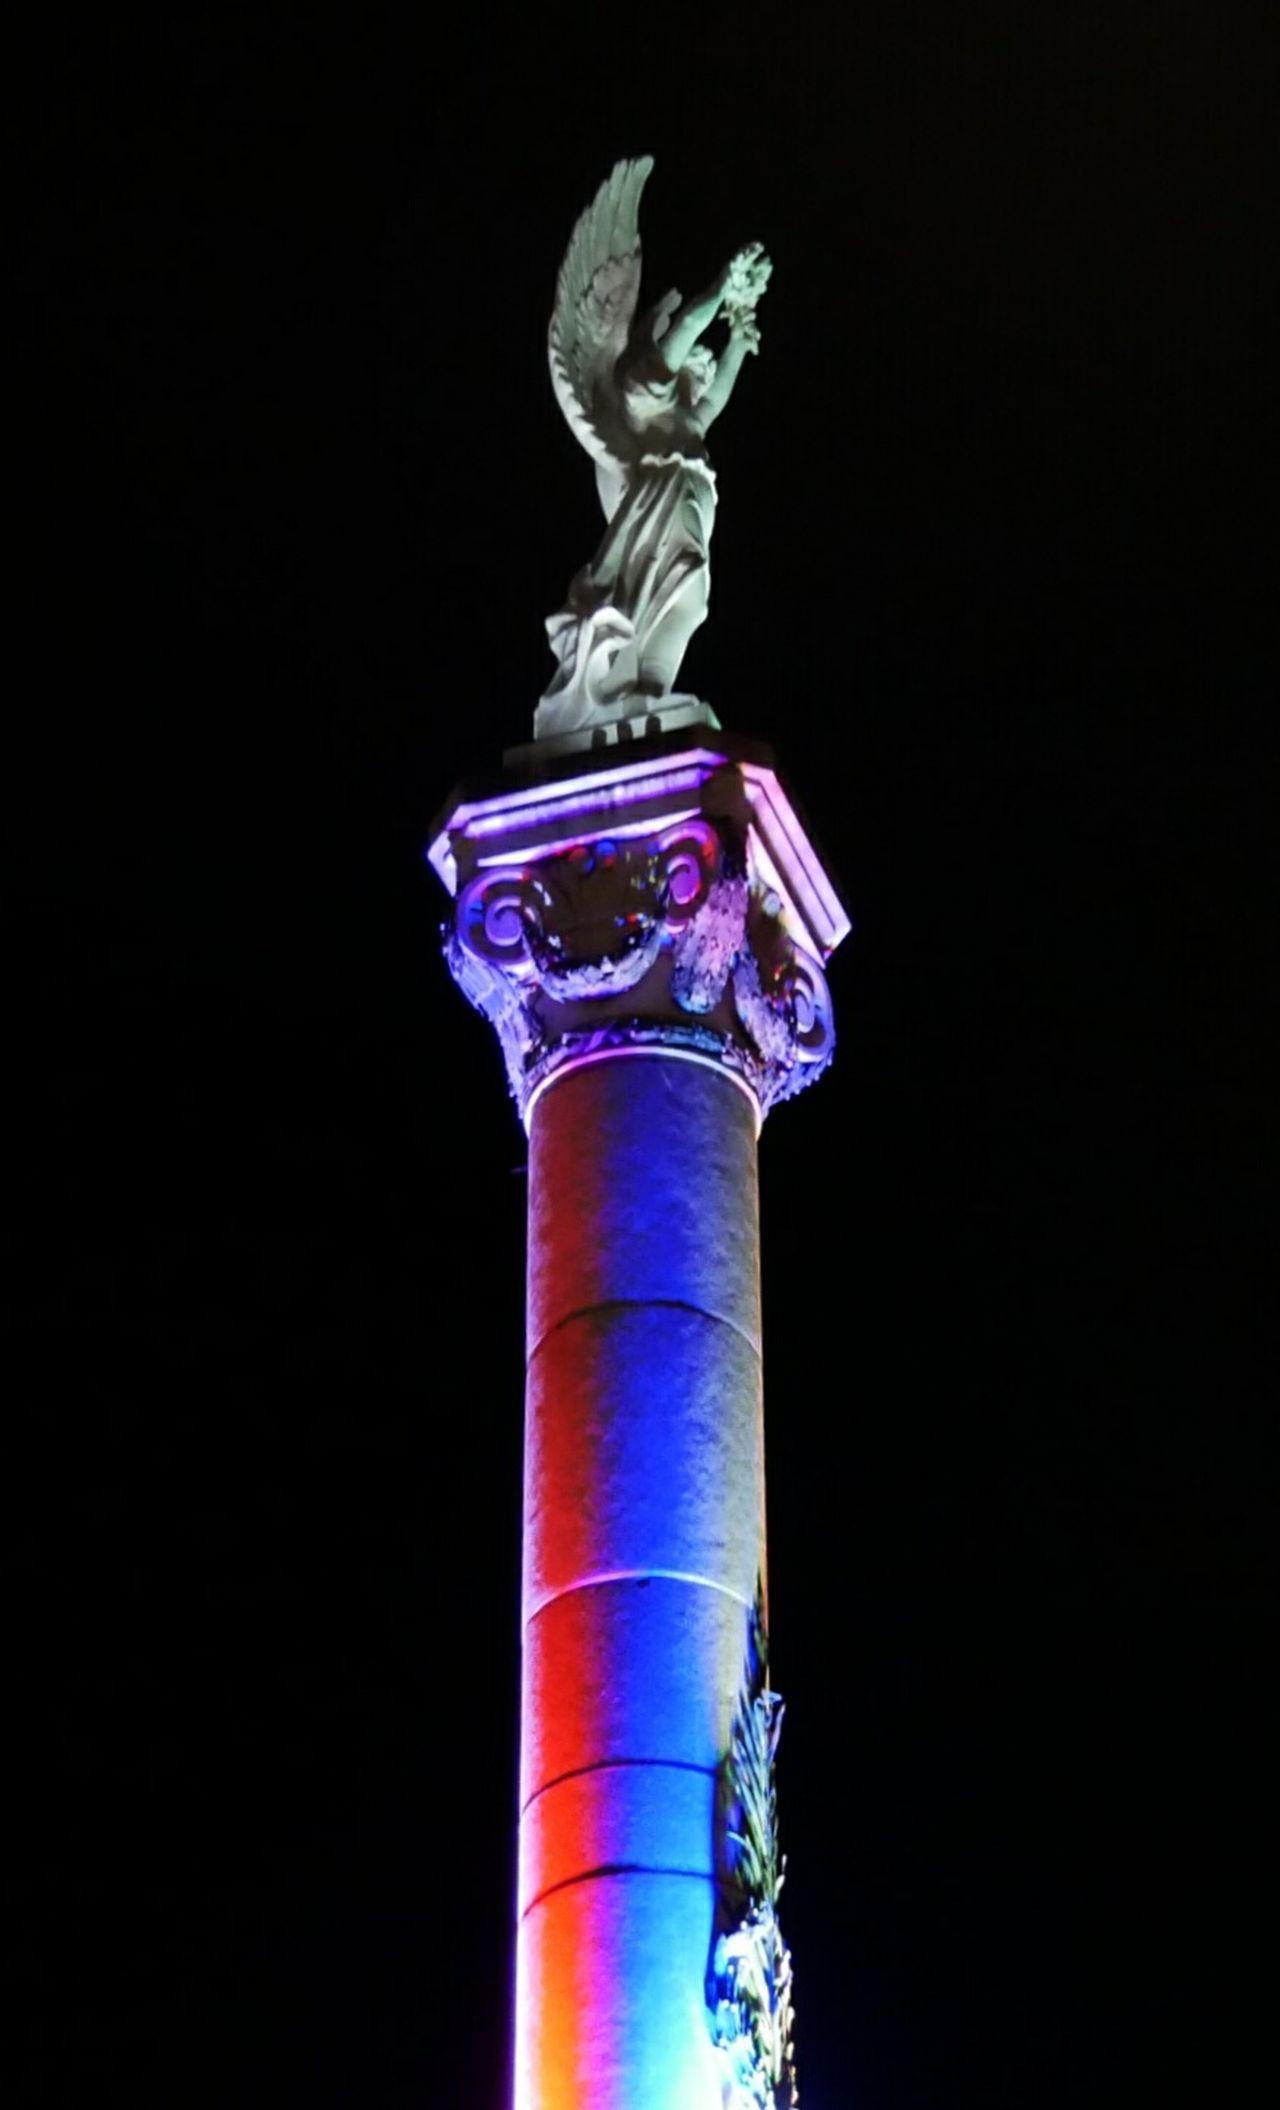 Sculpture Black Background Cityexplorer Statue Monument